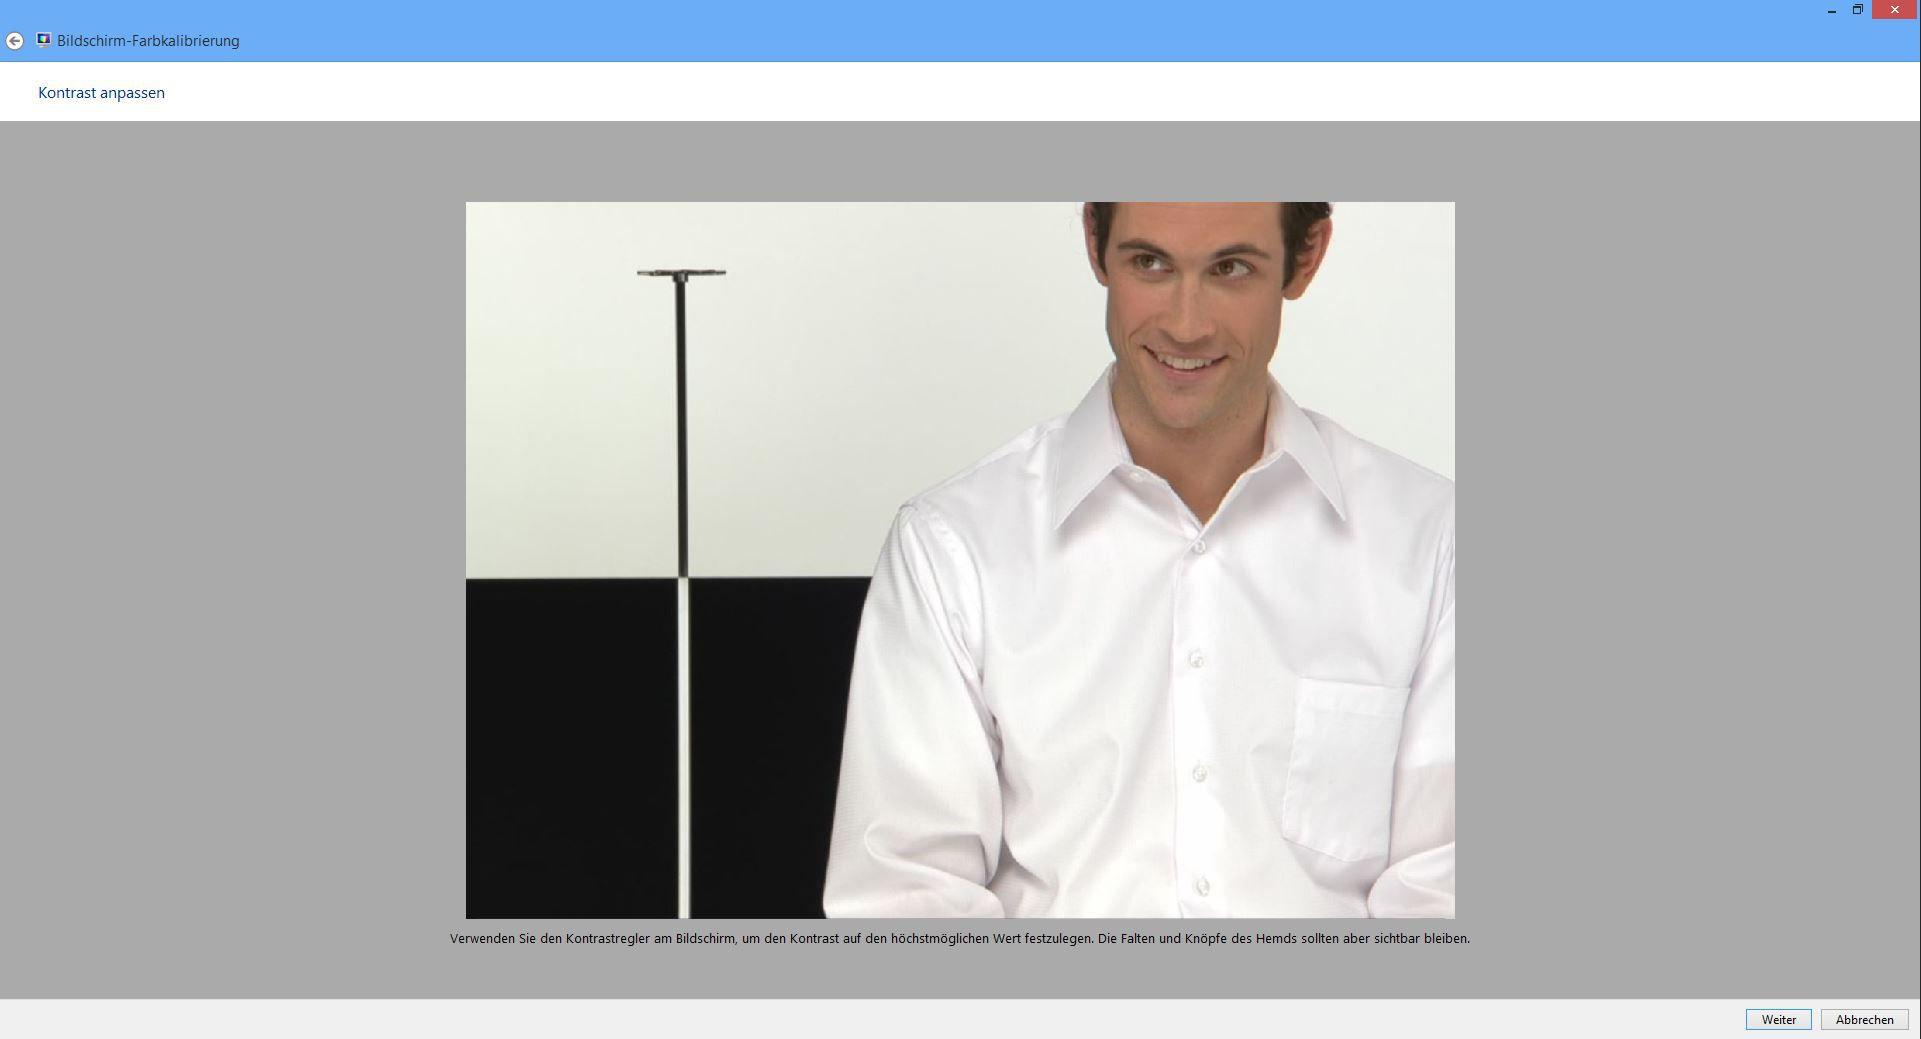 Bildschirm-Farbkalibrierung-470.JPG?nocache=1376238069256